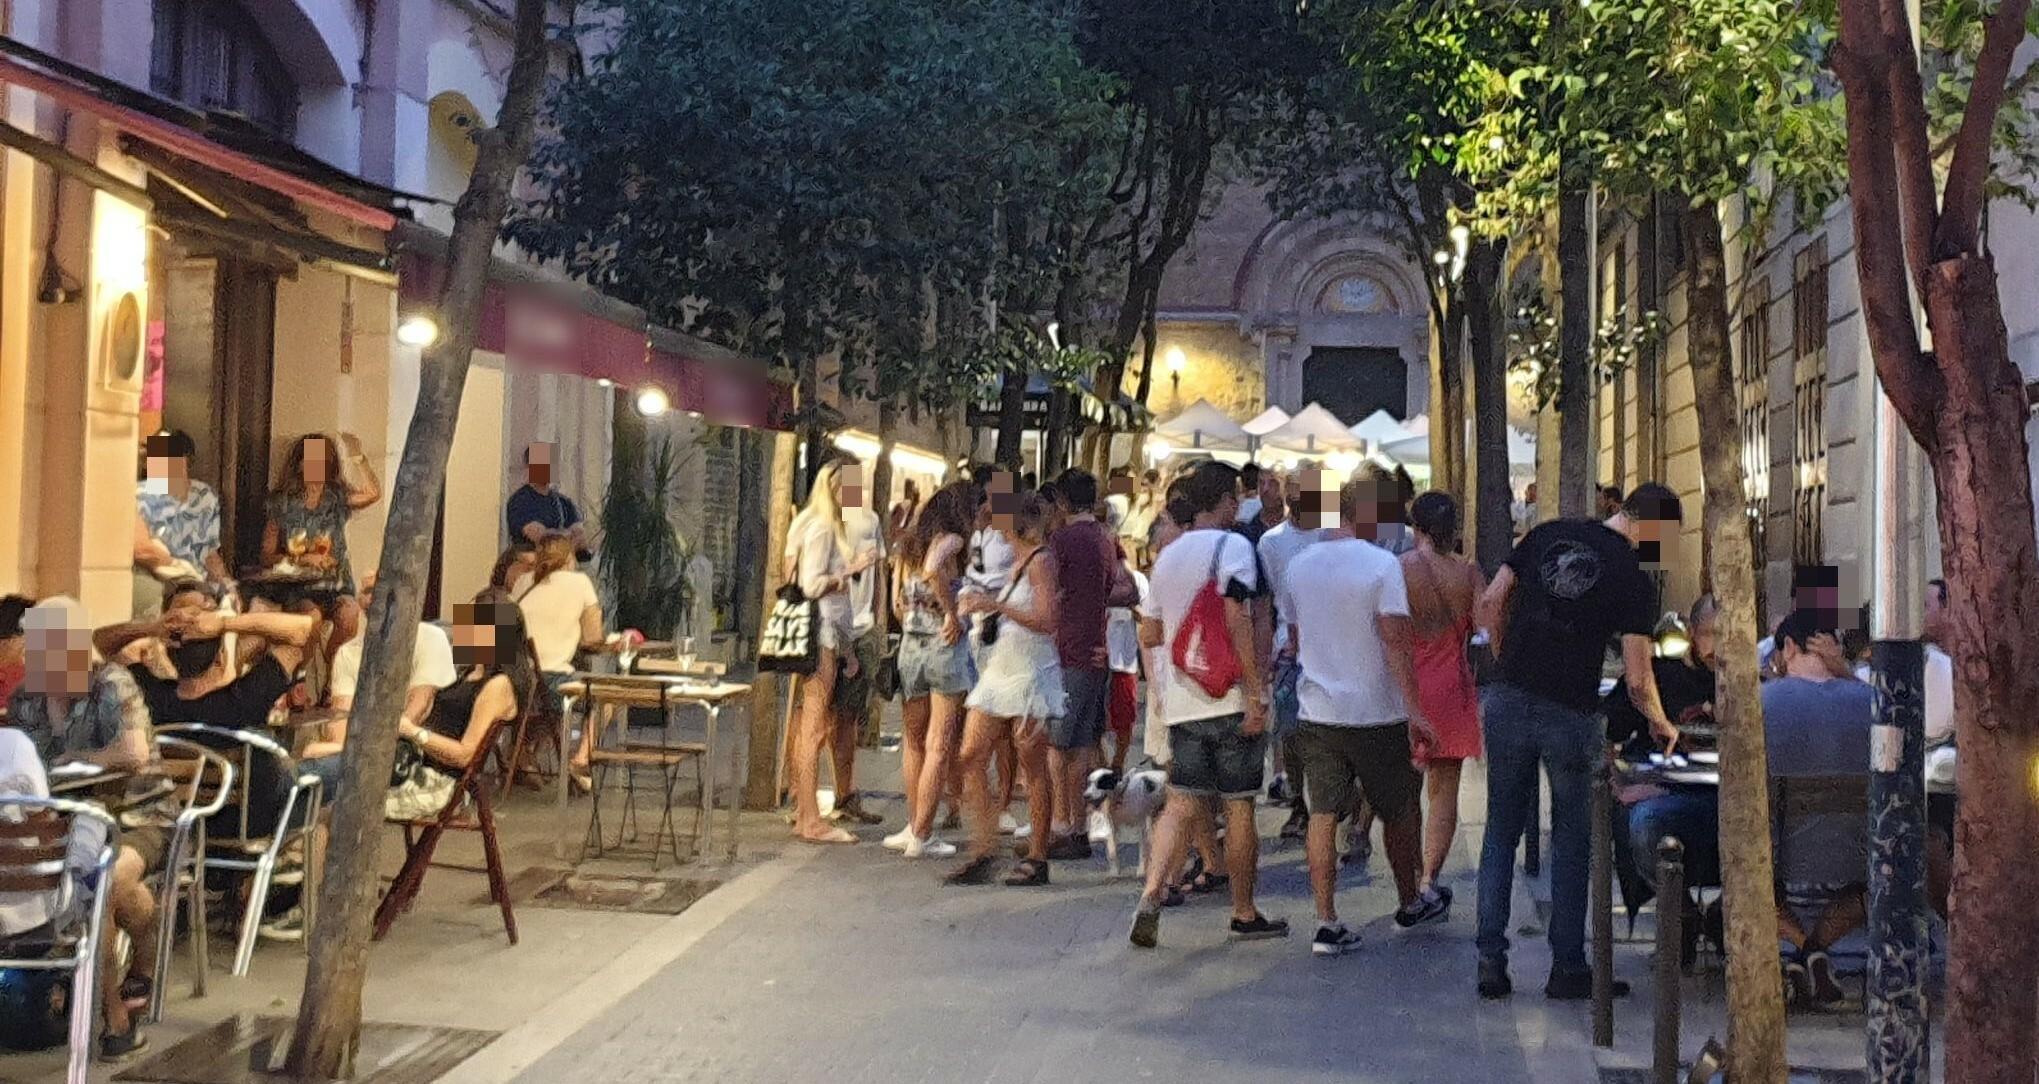 Torrijos 51 - osti ... tot el petit carrer és seu !!!!!